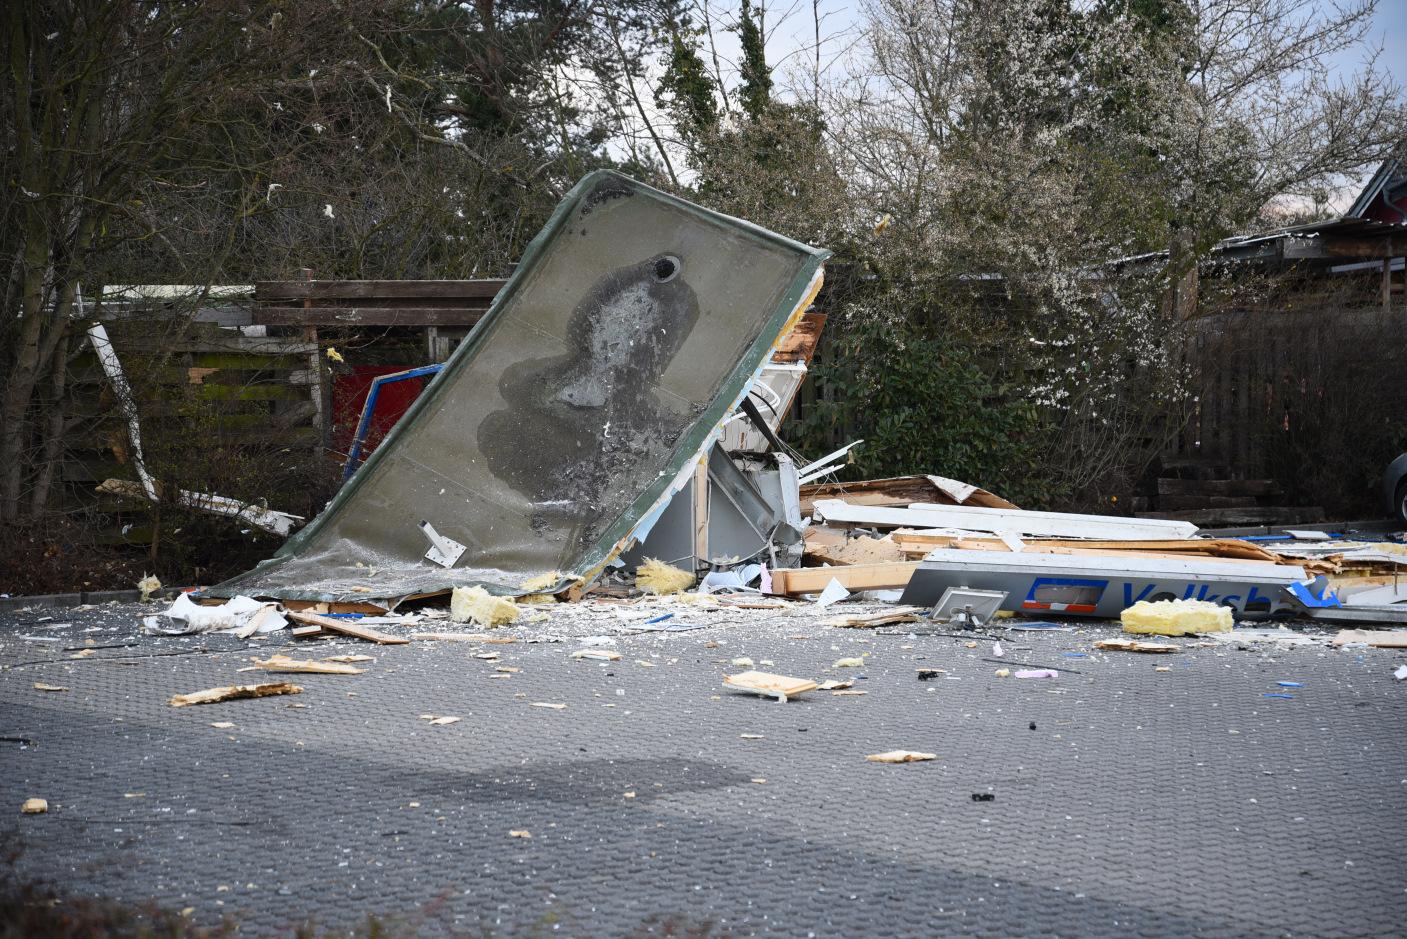 Schwetzingen: Sprengung zweier Geldautomaten - weitere Zeugen dringend gesucht